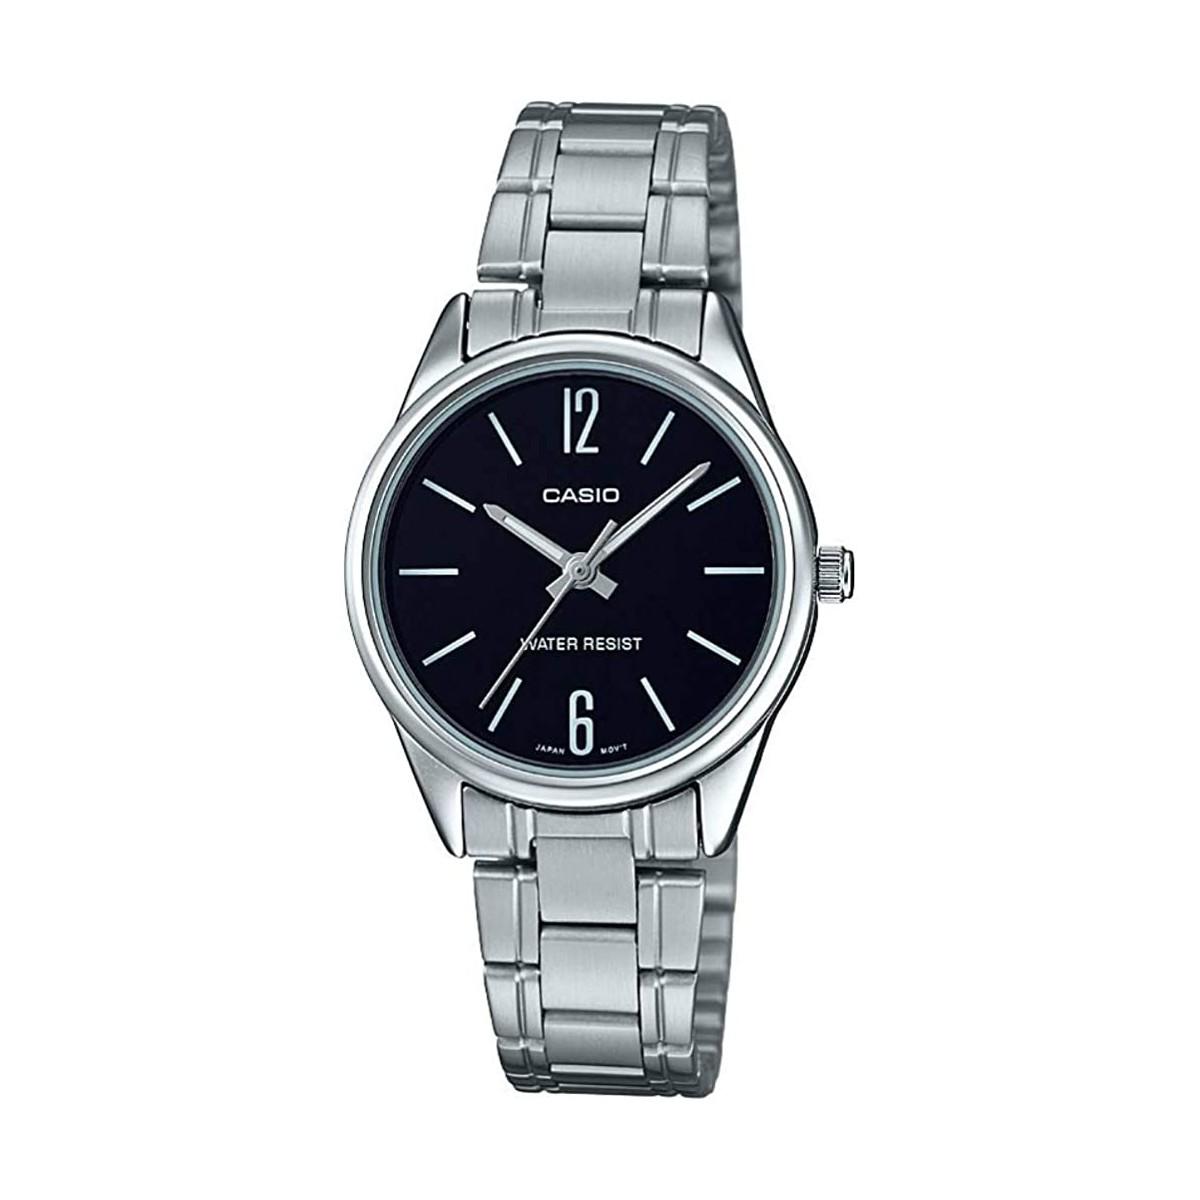 https://www.gaberjoyeria.com/5726-thickbox_default/reloj-casio.jpg